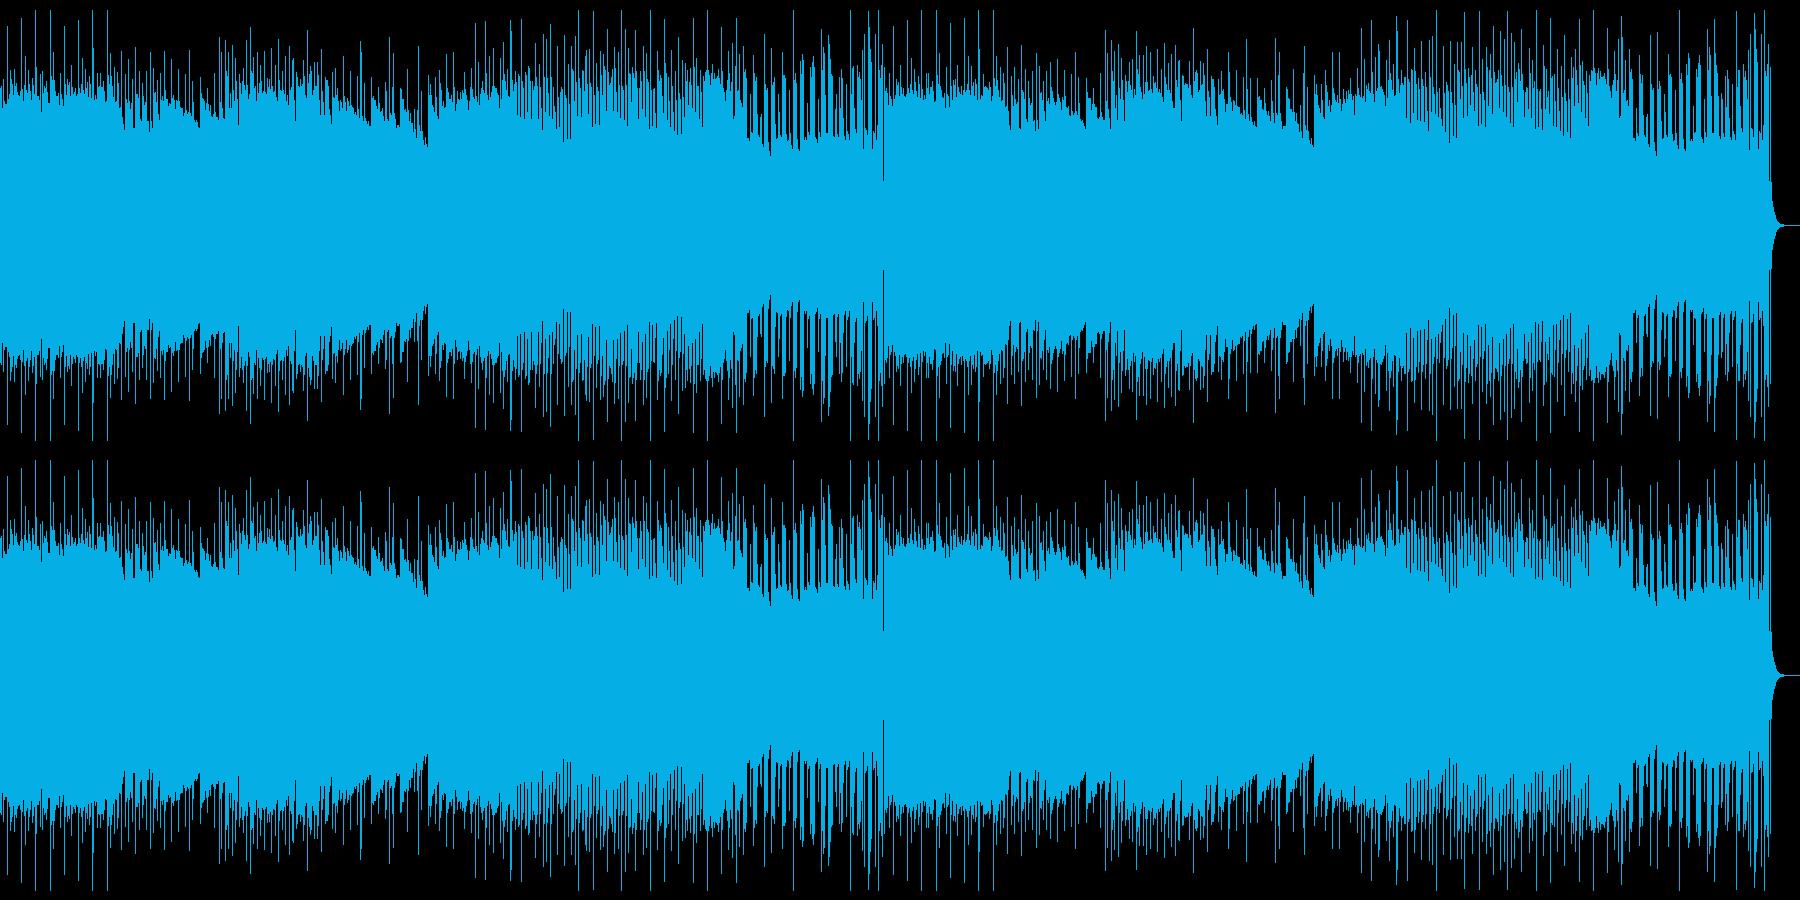 レトロゲーム風BGM(軽快)の再生済みの波形